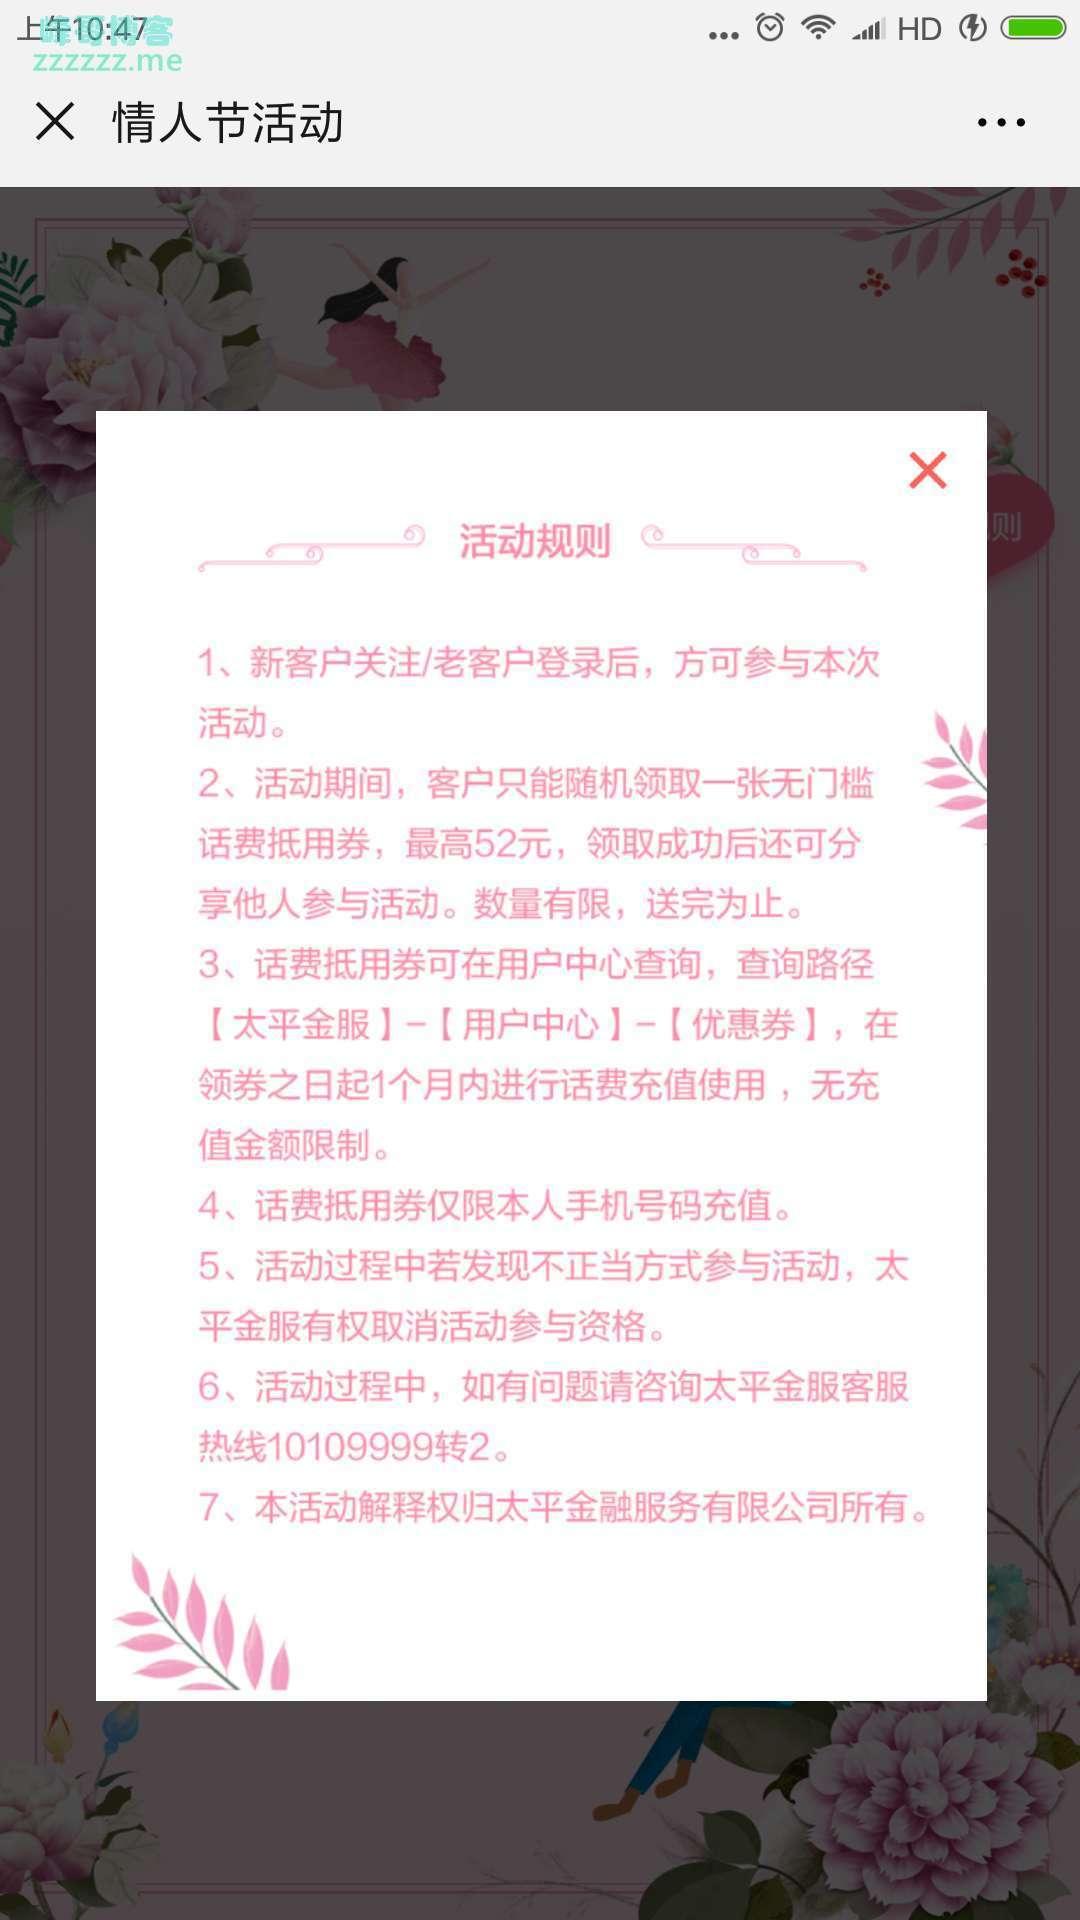 <太平金服>2.14情人节,太平金服以爱之名,为爱助力 (截止2月14日)